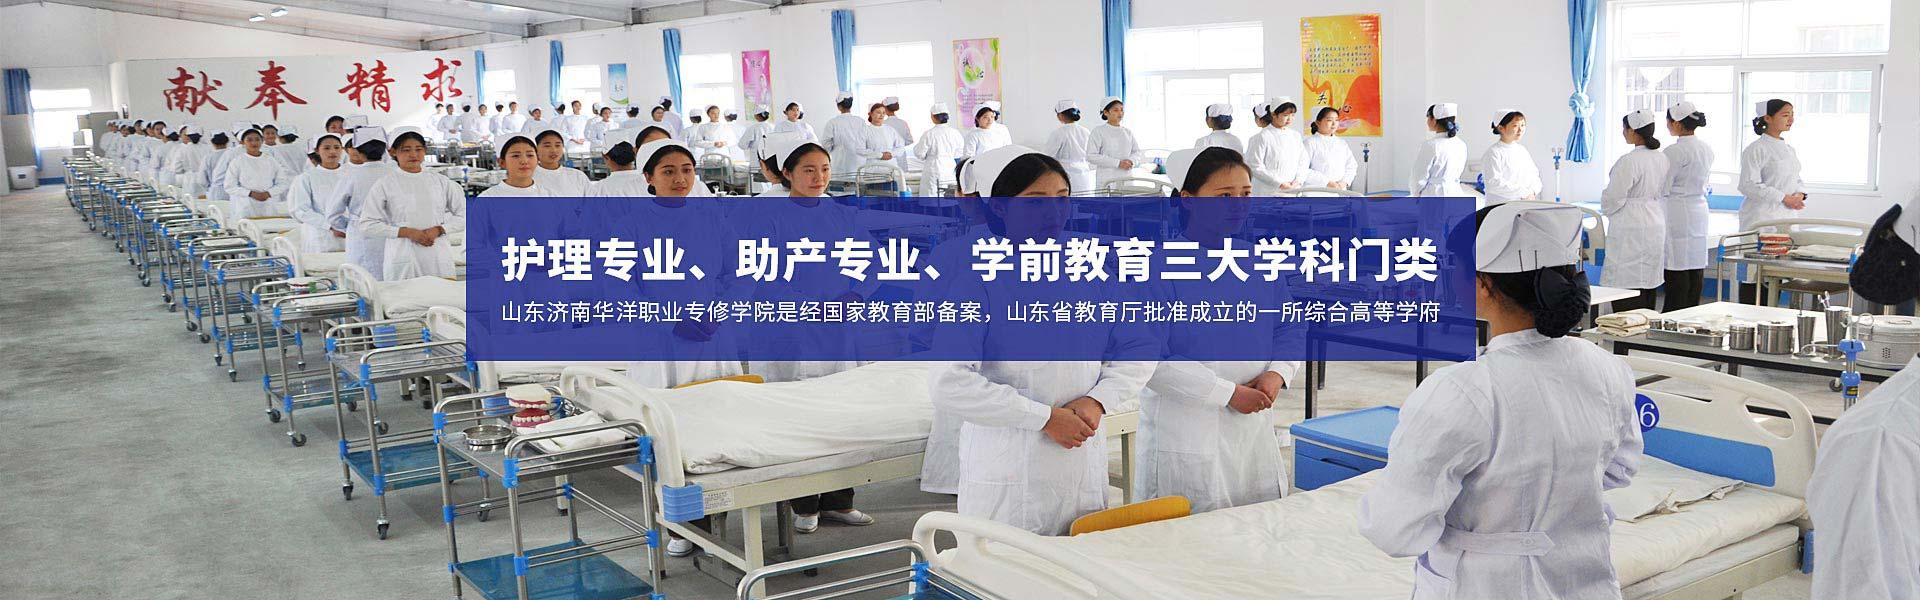 护理专业、助产专业、学前教育三大学科门类